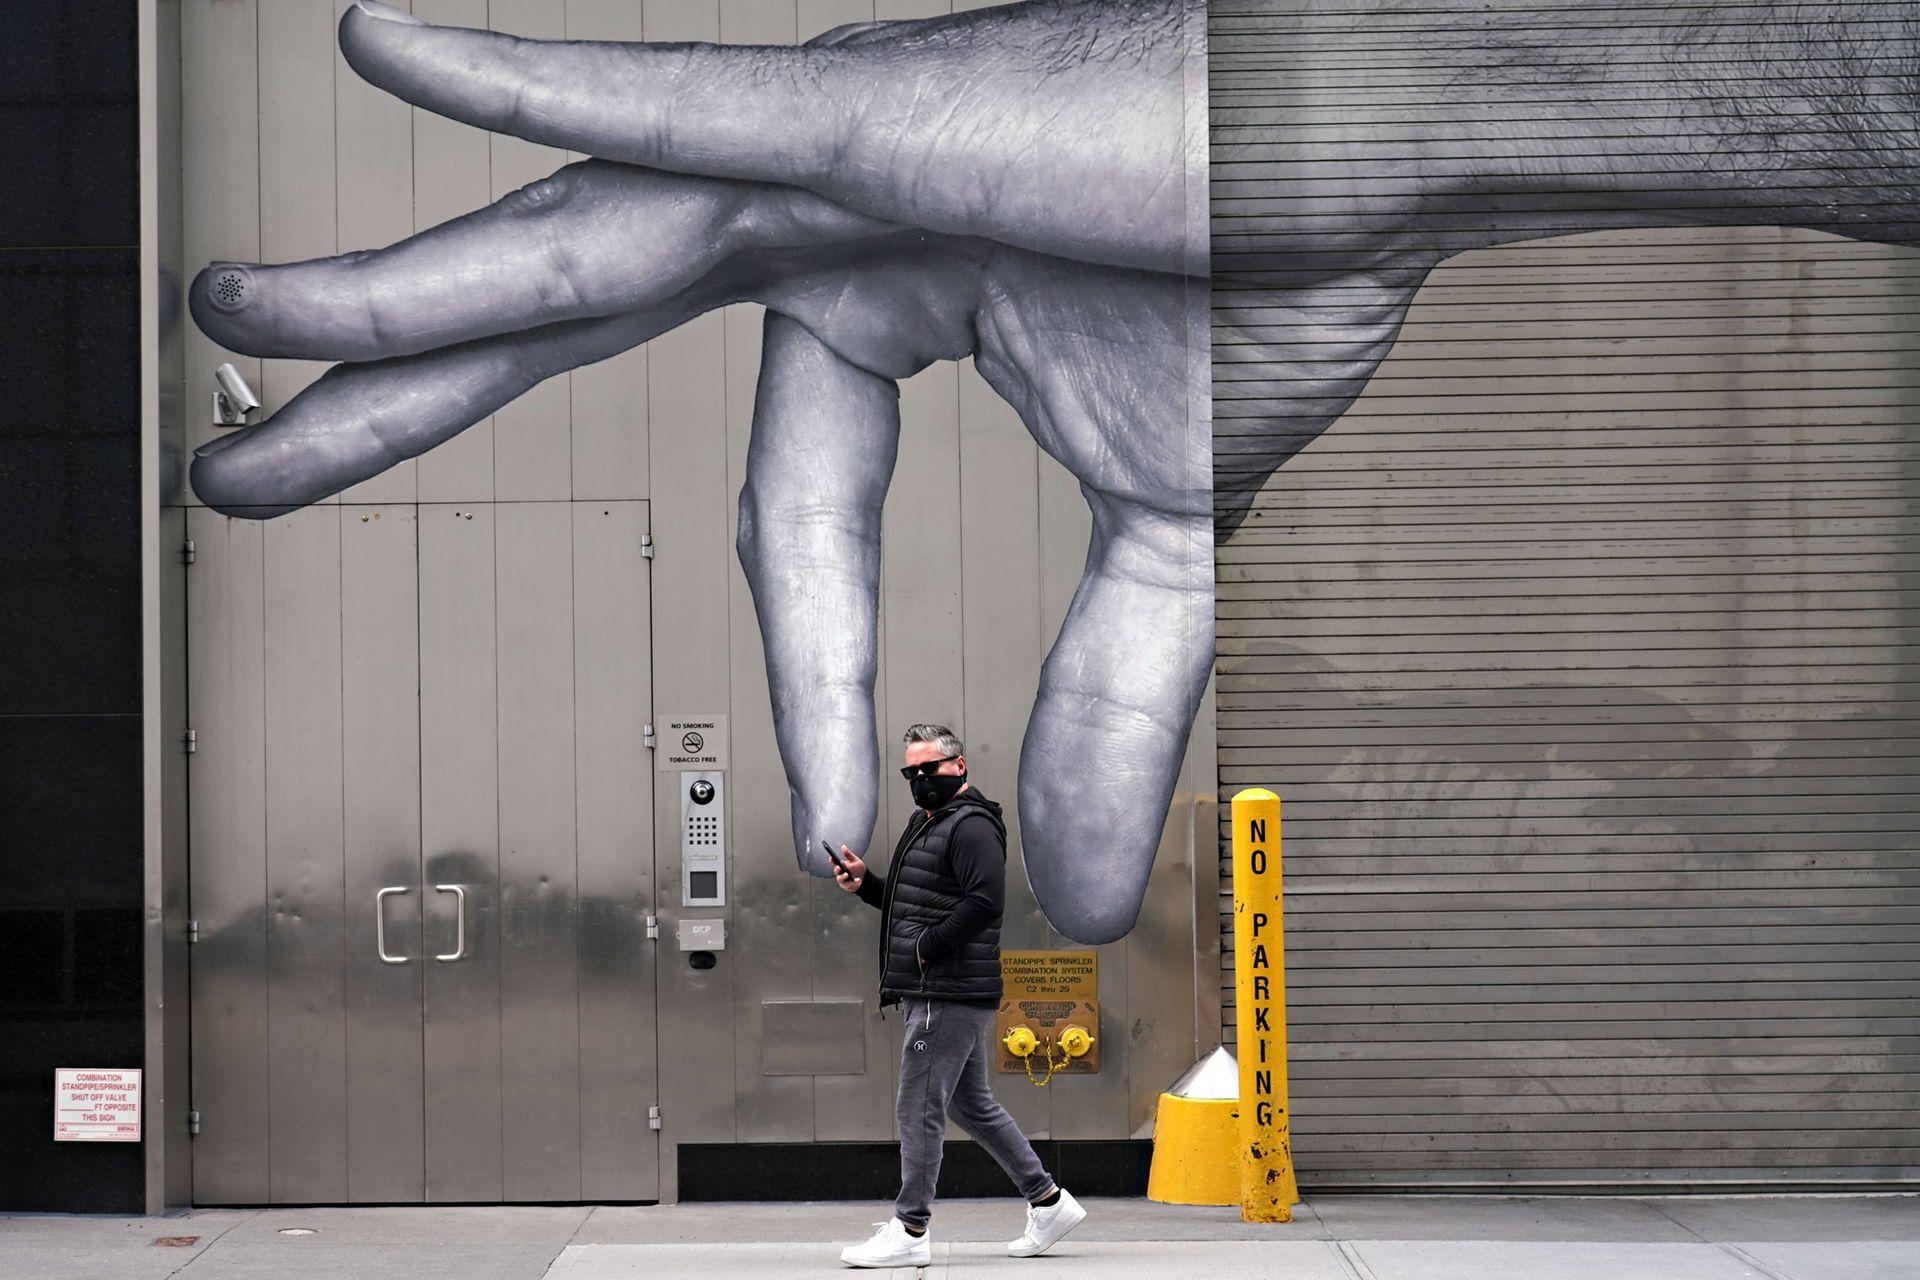 Un mural pintado en una calle de Nueva York